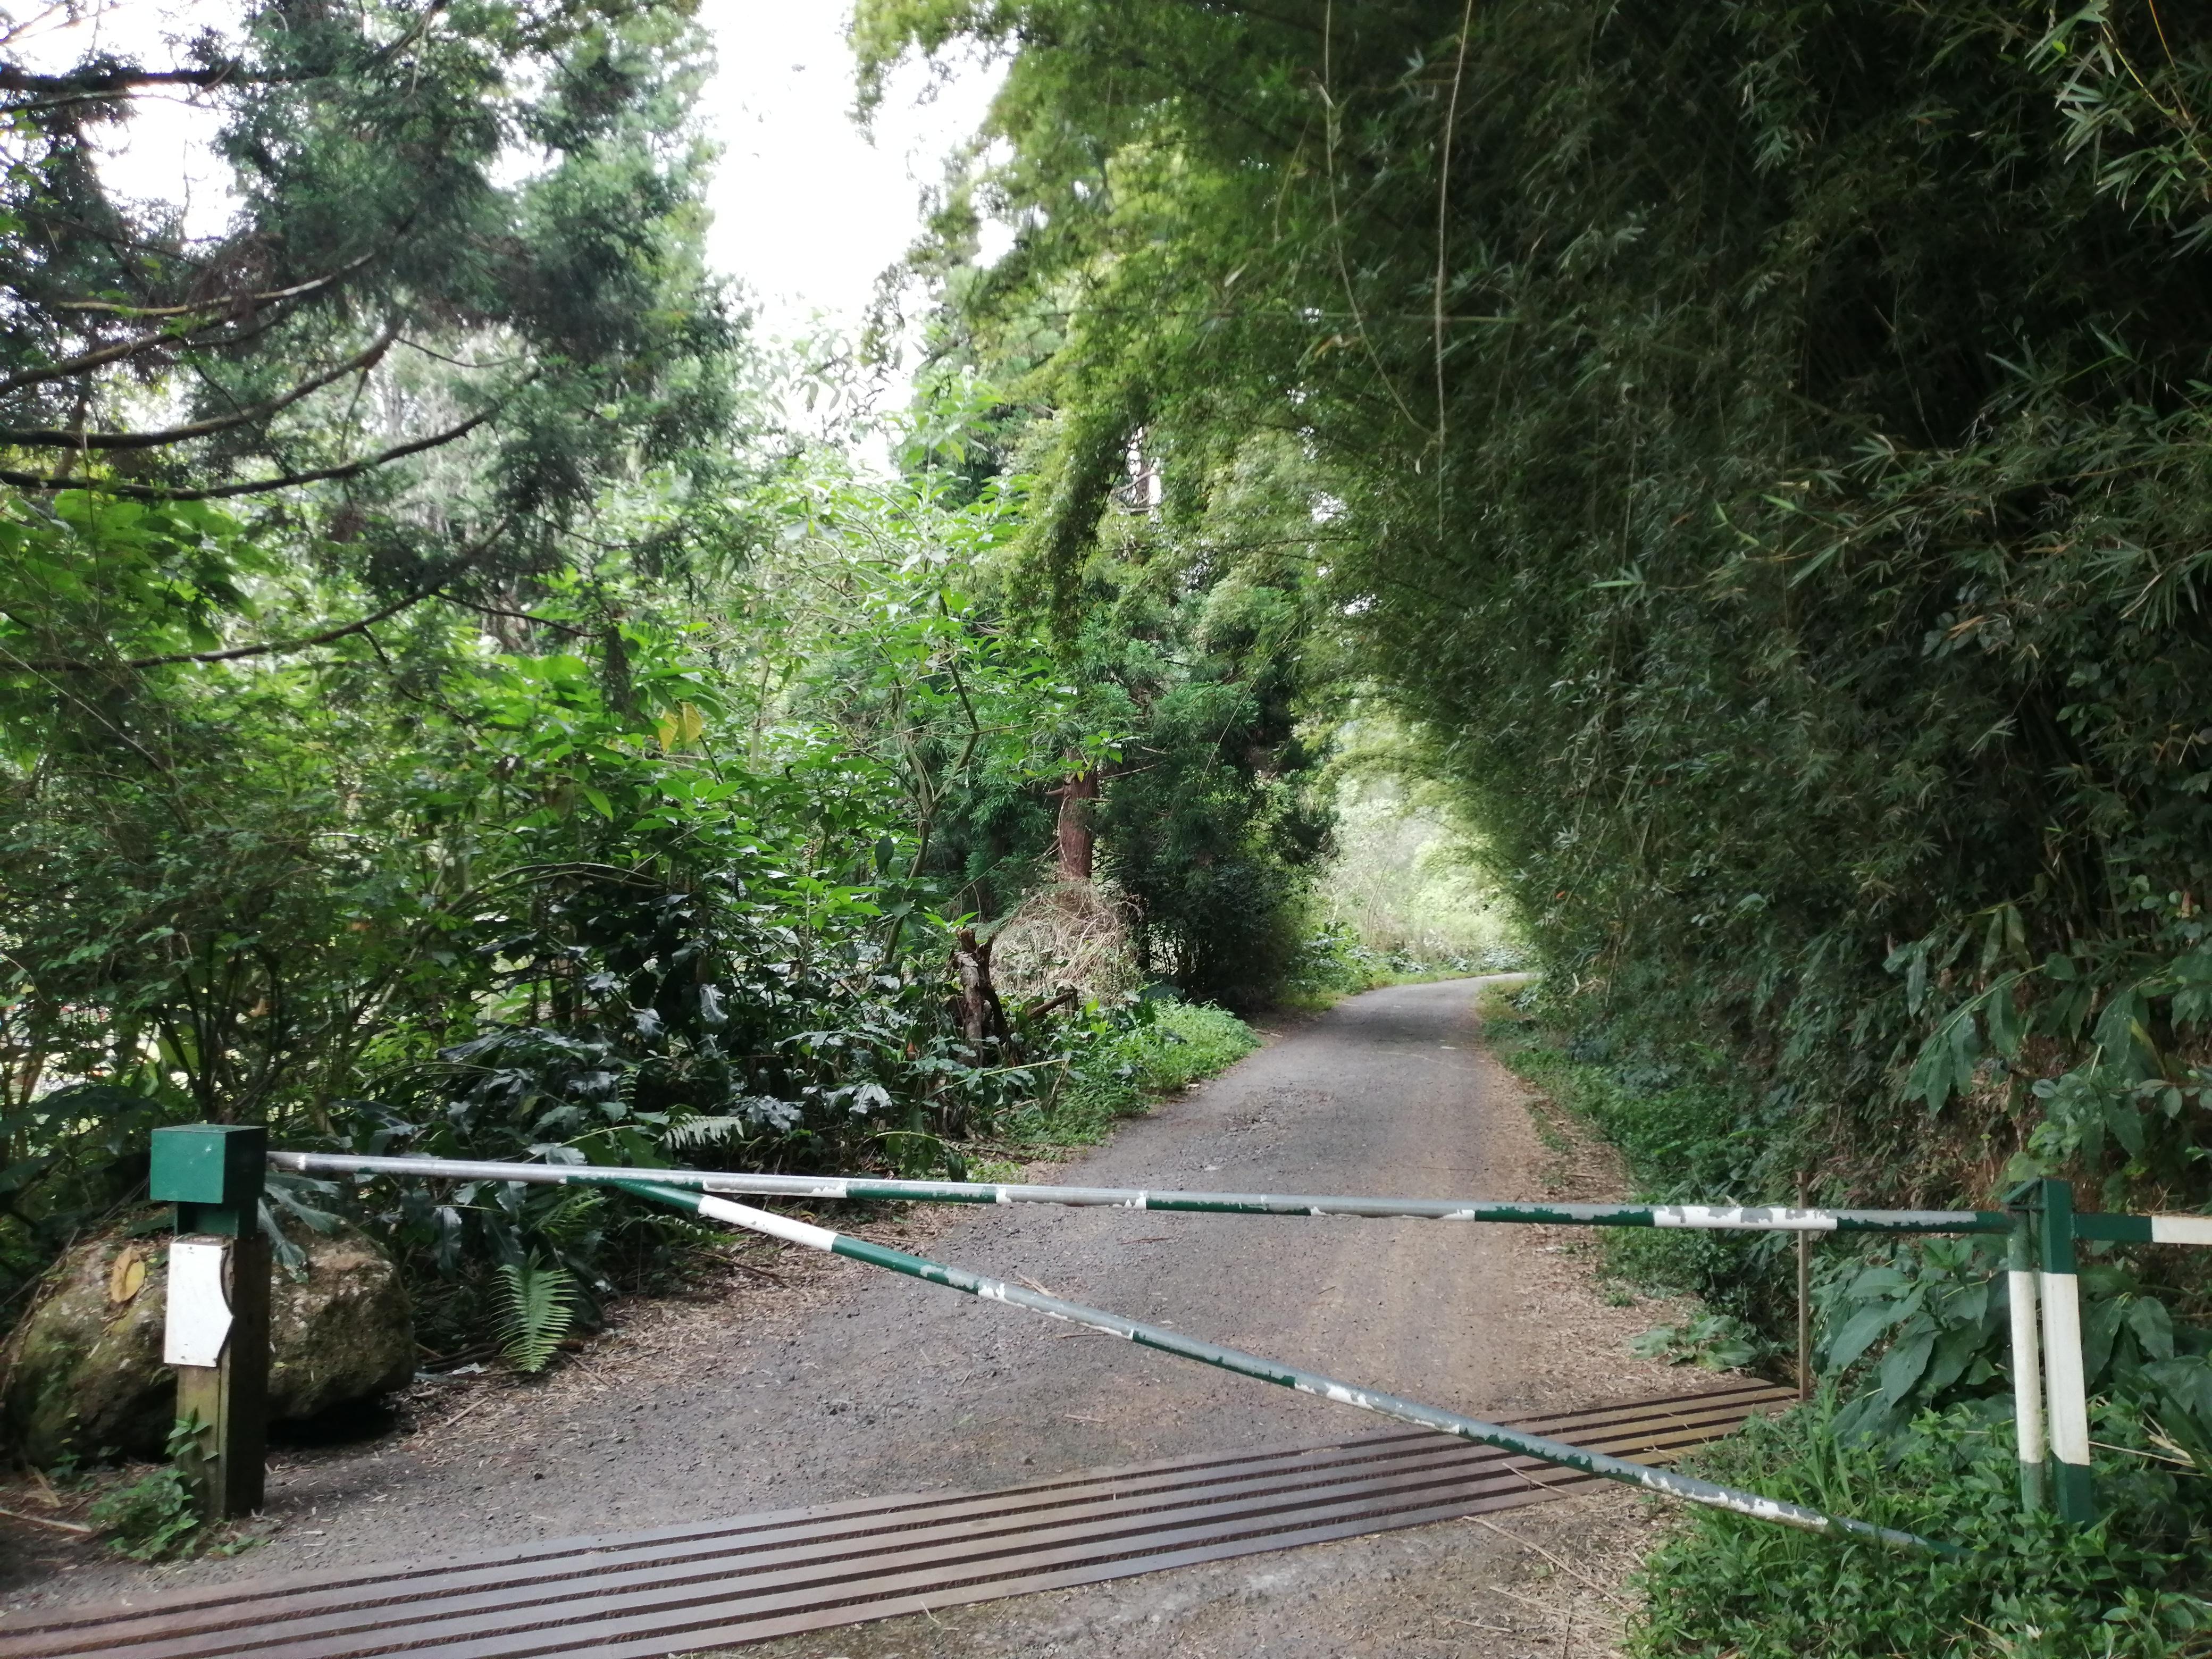 Début de la route forestière des goyaviers près de l'observatoire des makes